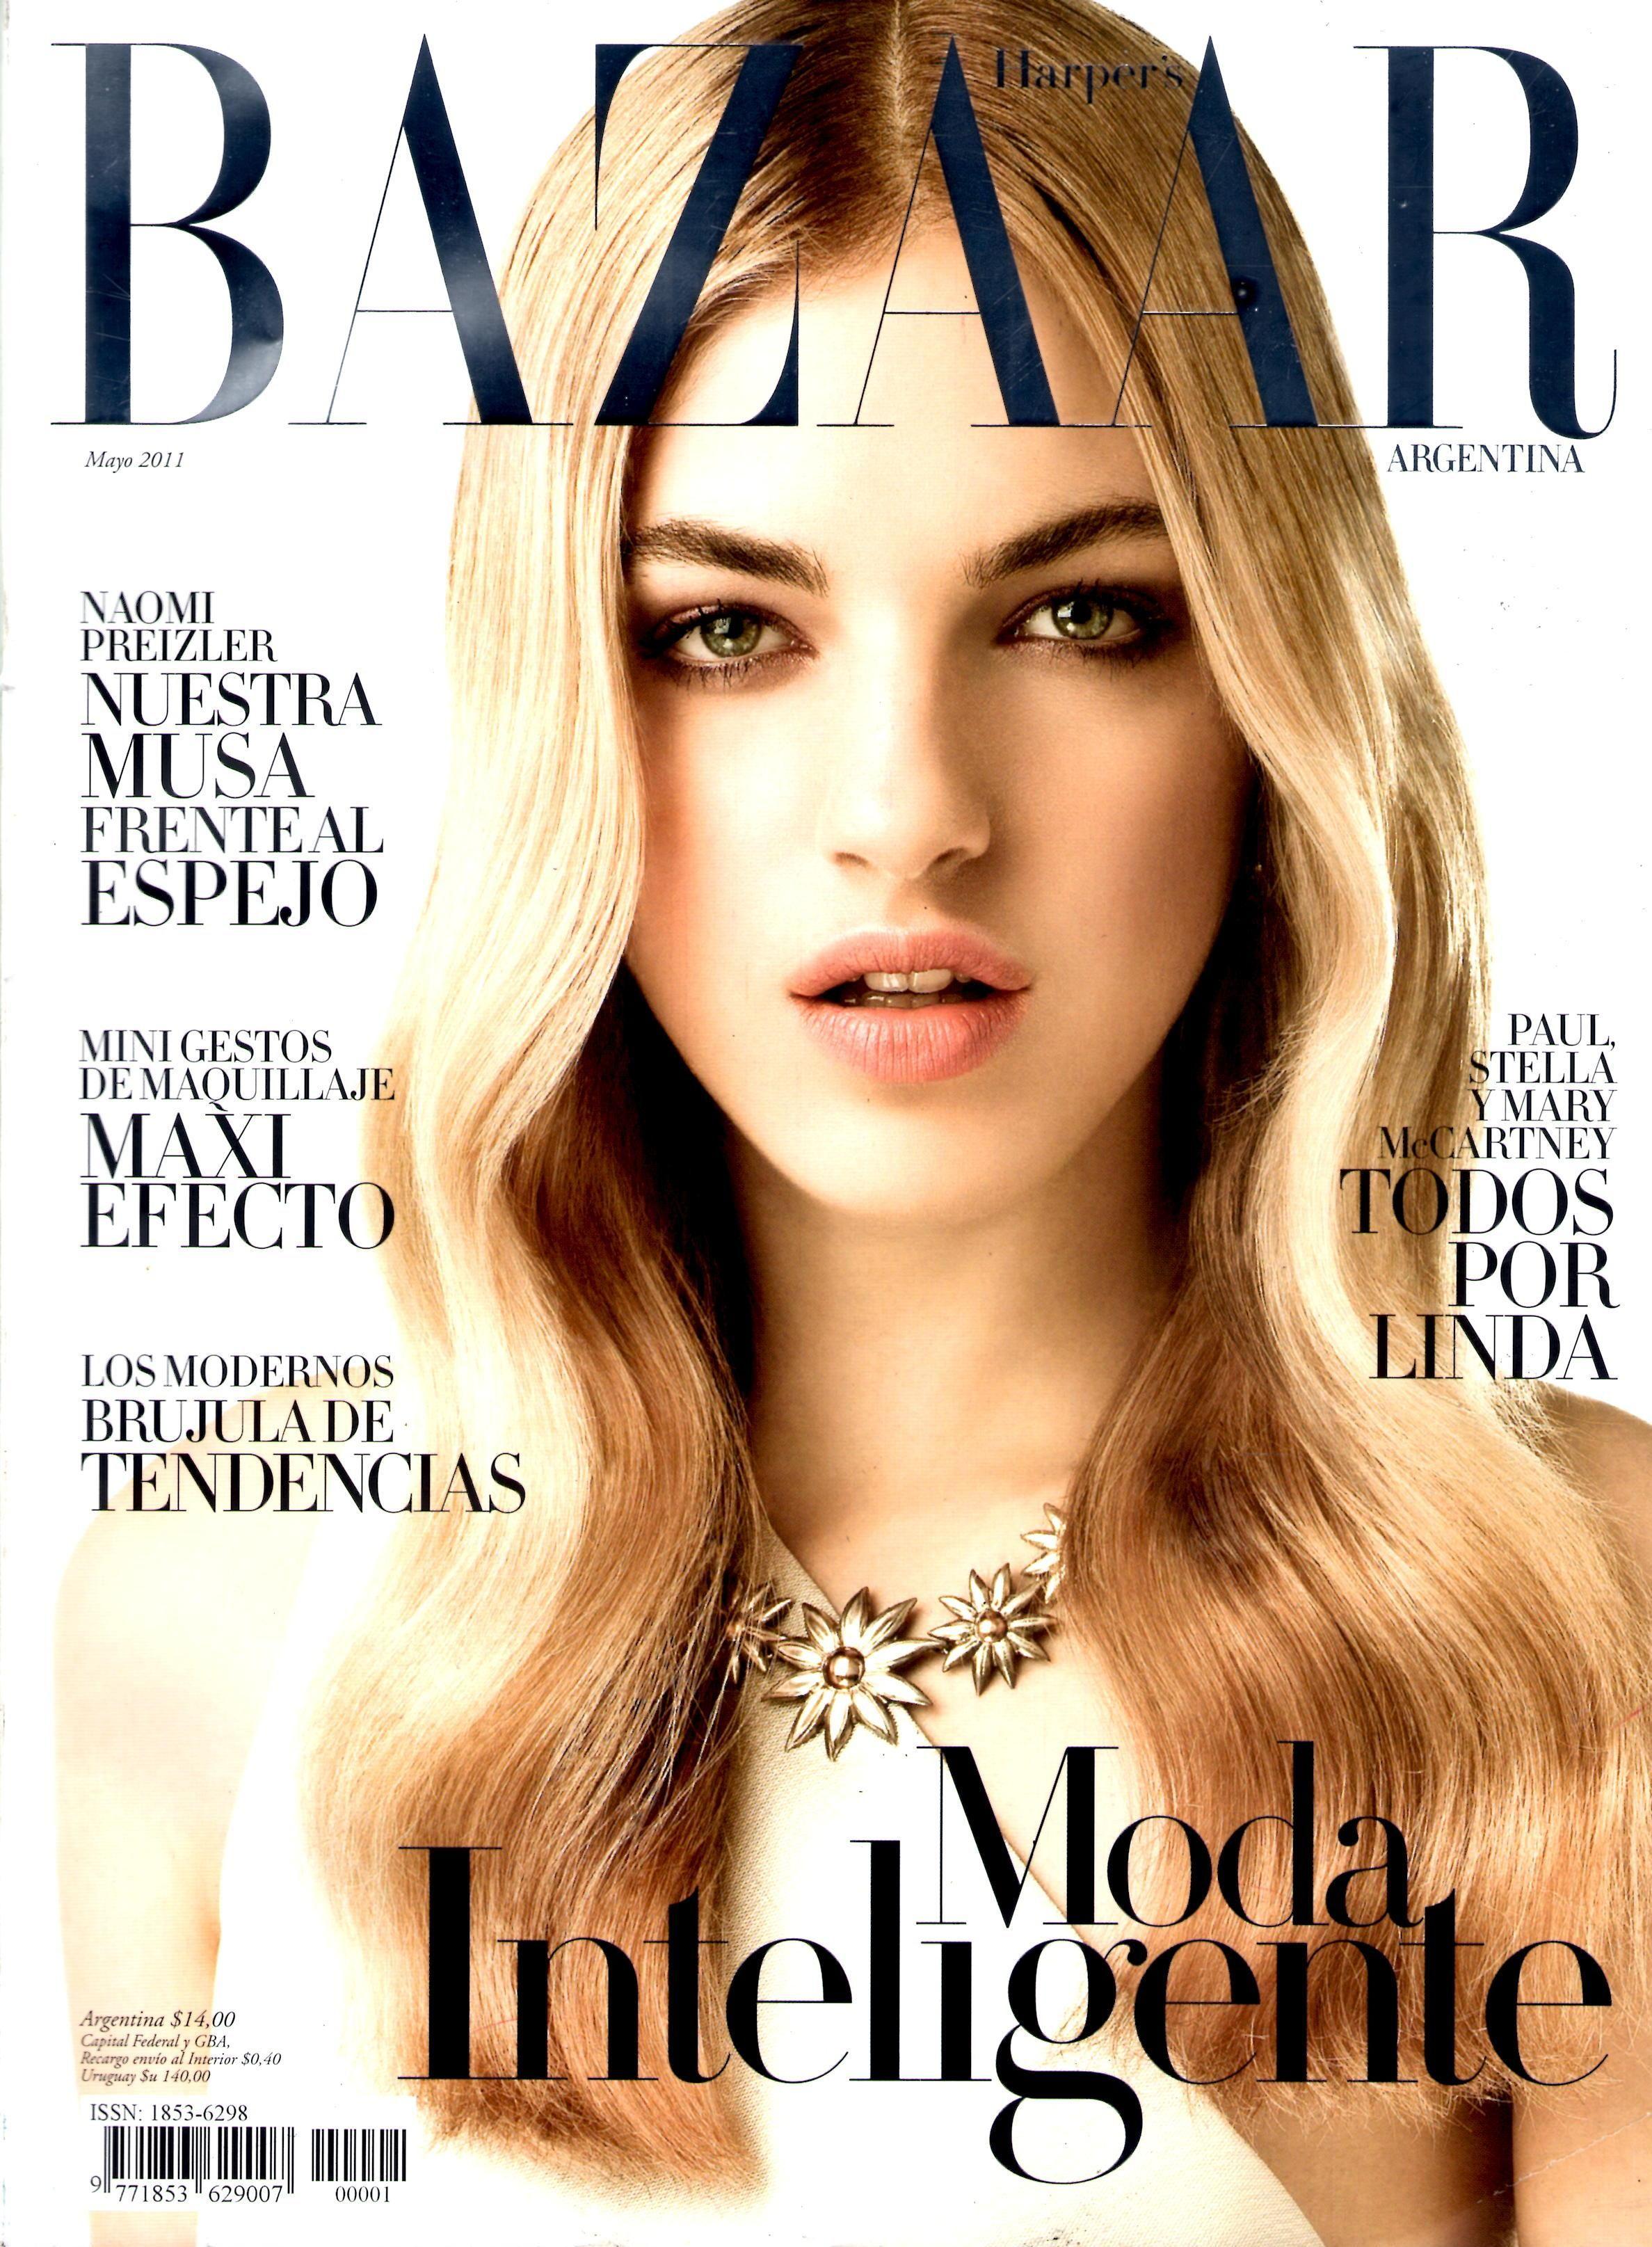 HARPER'S BAZAAR y HARPER'S BAZAAR Argentina…..una revista ...